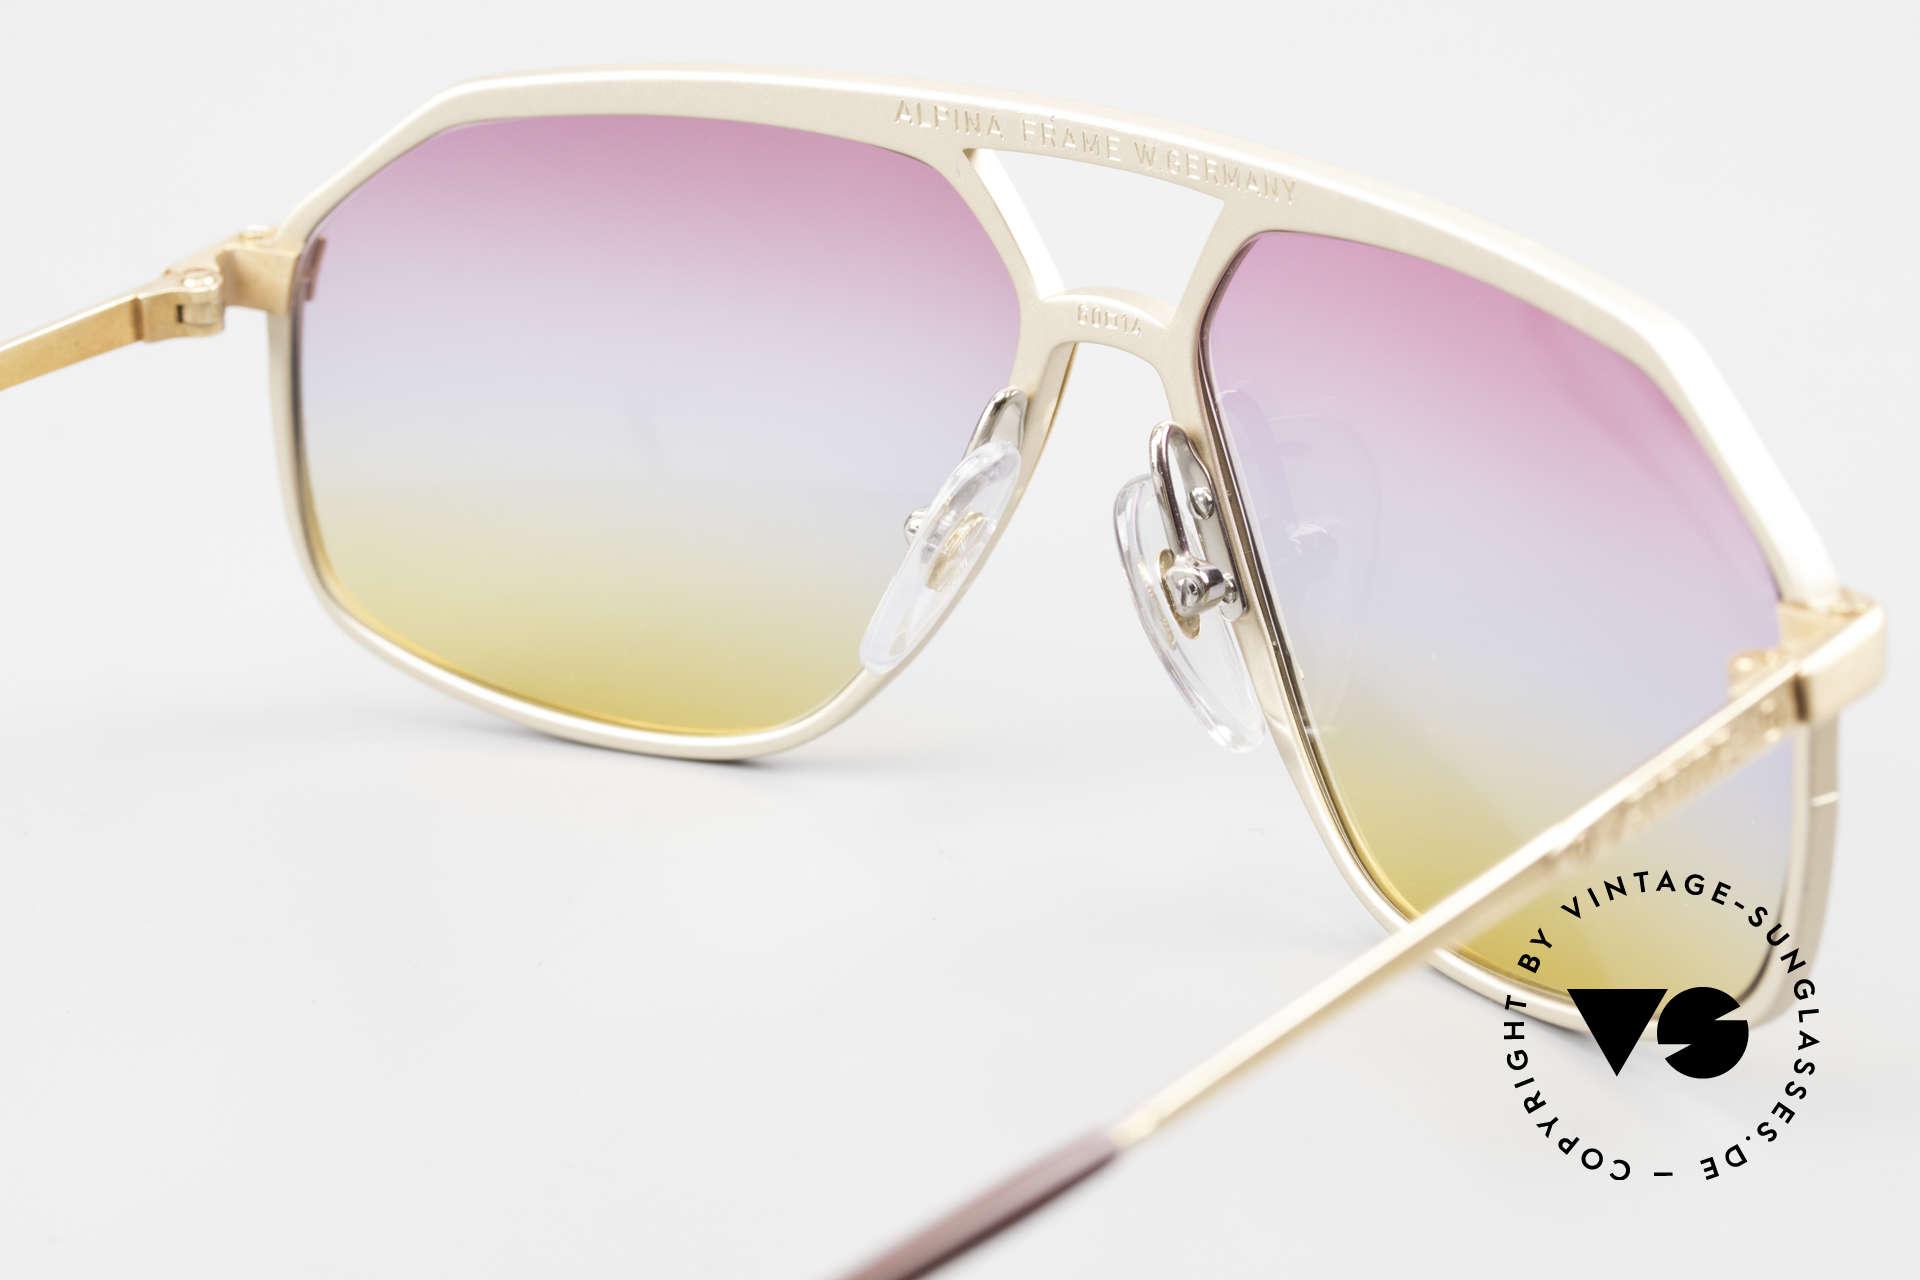 Alpina M6 80er Brillenklassiker Sunset, KEINE RETRObrille; sondern eine VINTAGE Rarität!, Passend für Herren und Damen